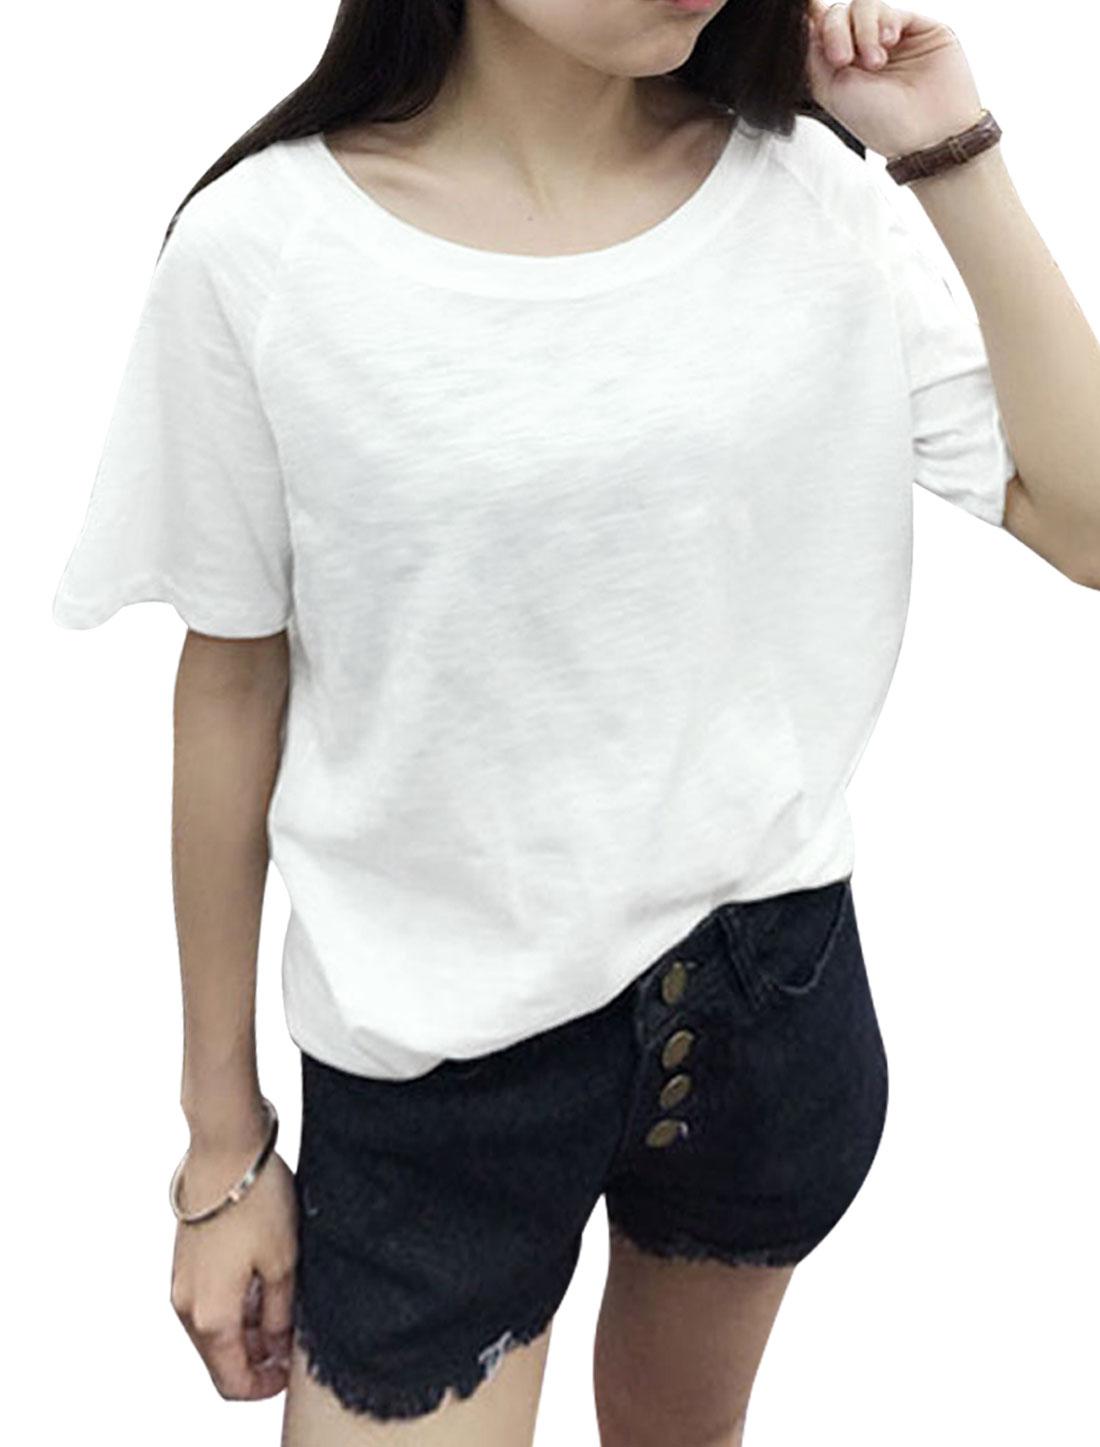 Woman Short Raglan Sleeves Round Neck Side-Slit Burnout Tee Shirt White XS